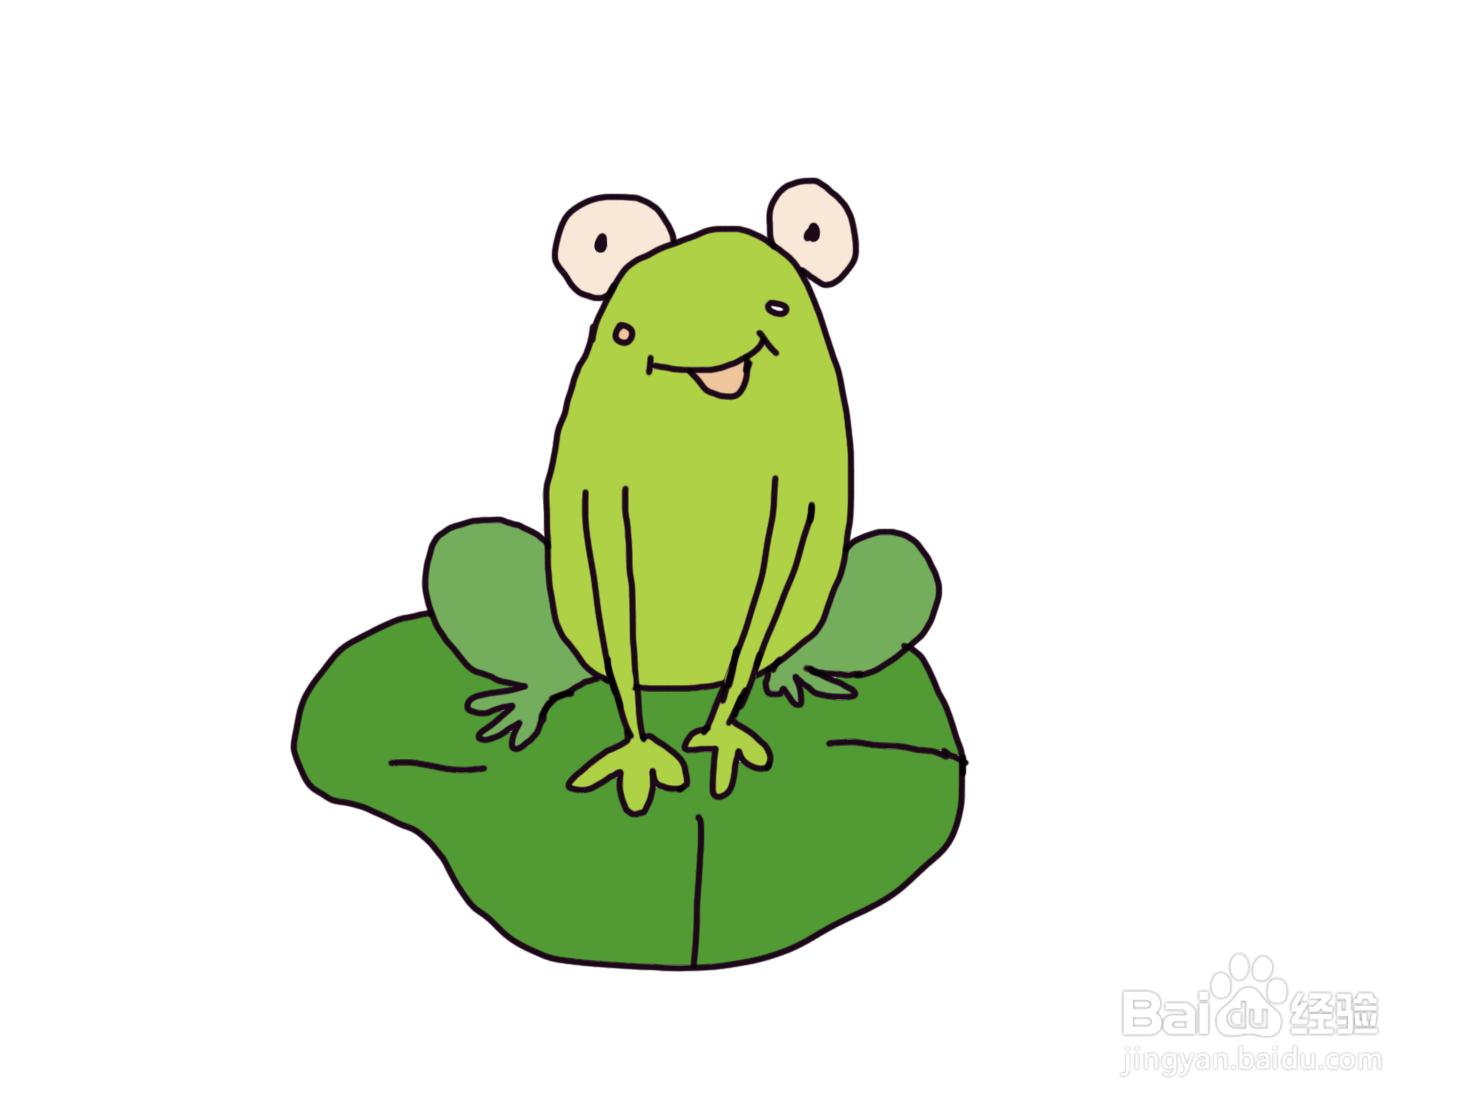 怎么画儿童彩色简笔画卡通动物小青蛙?